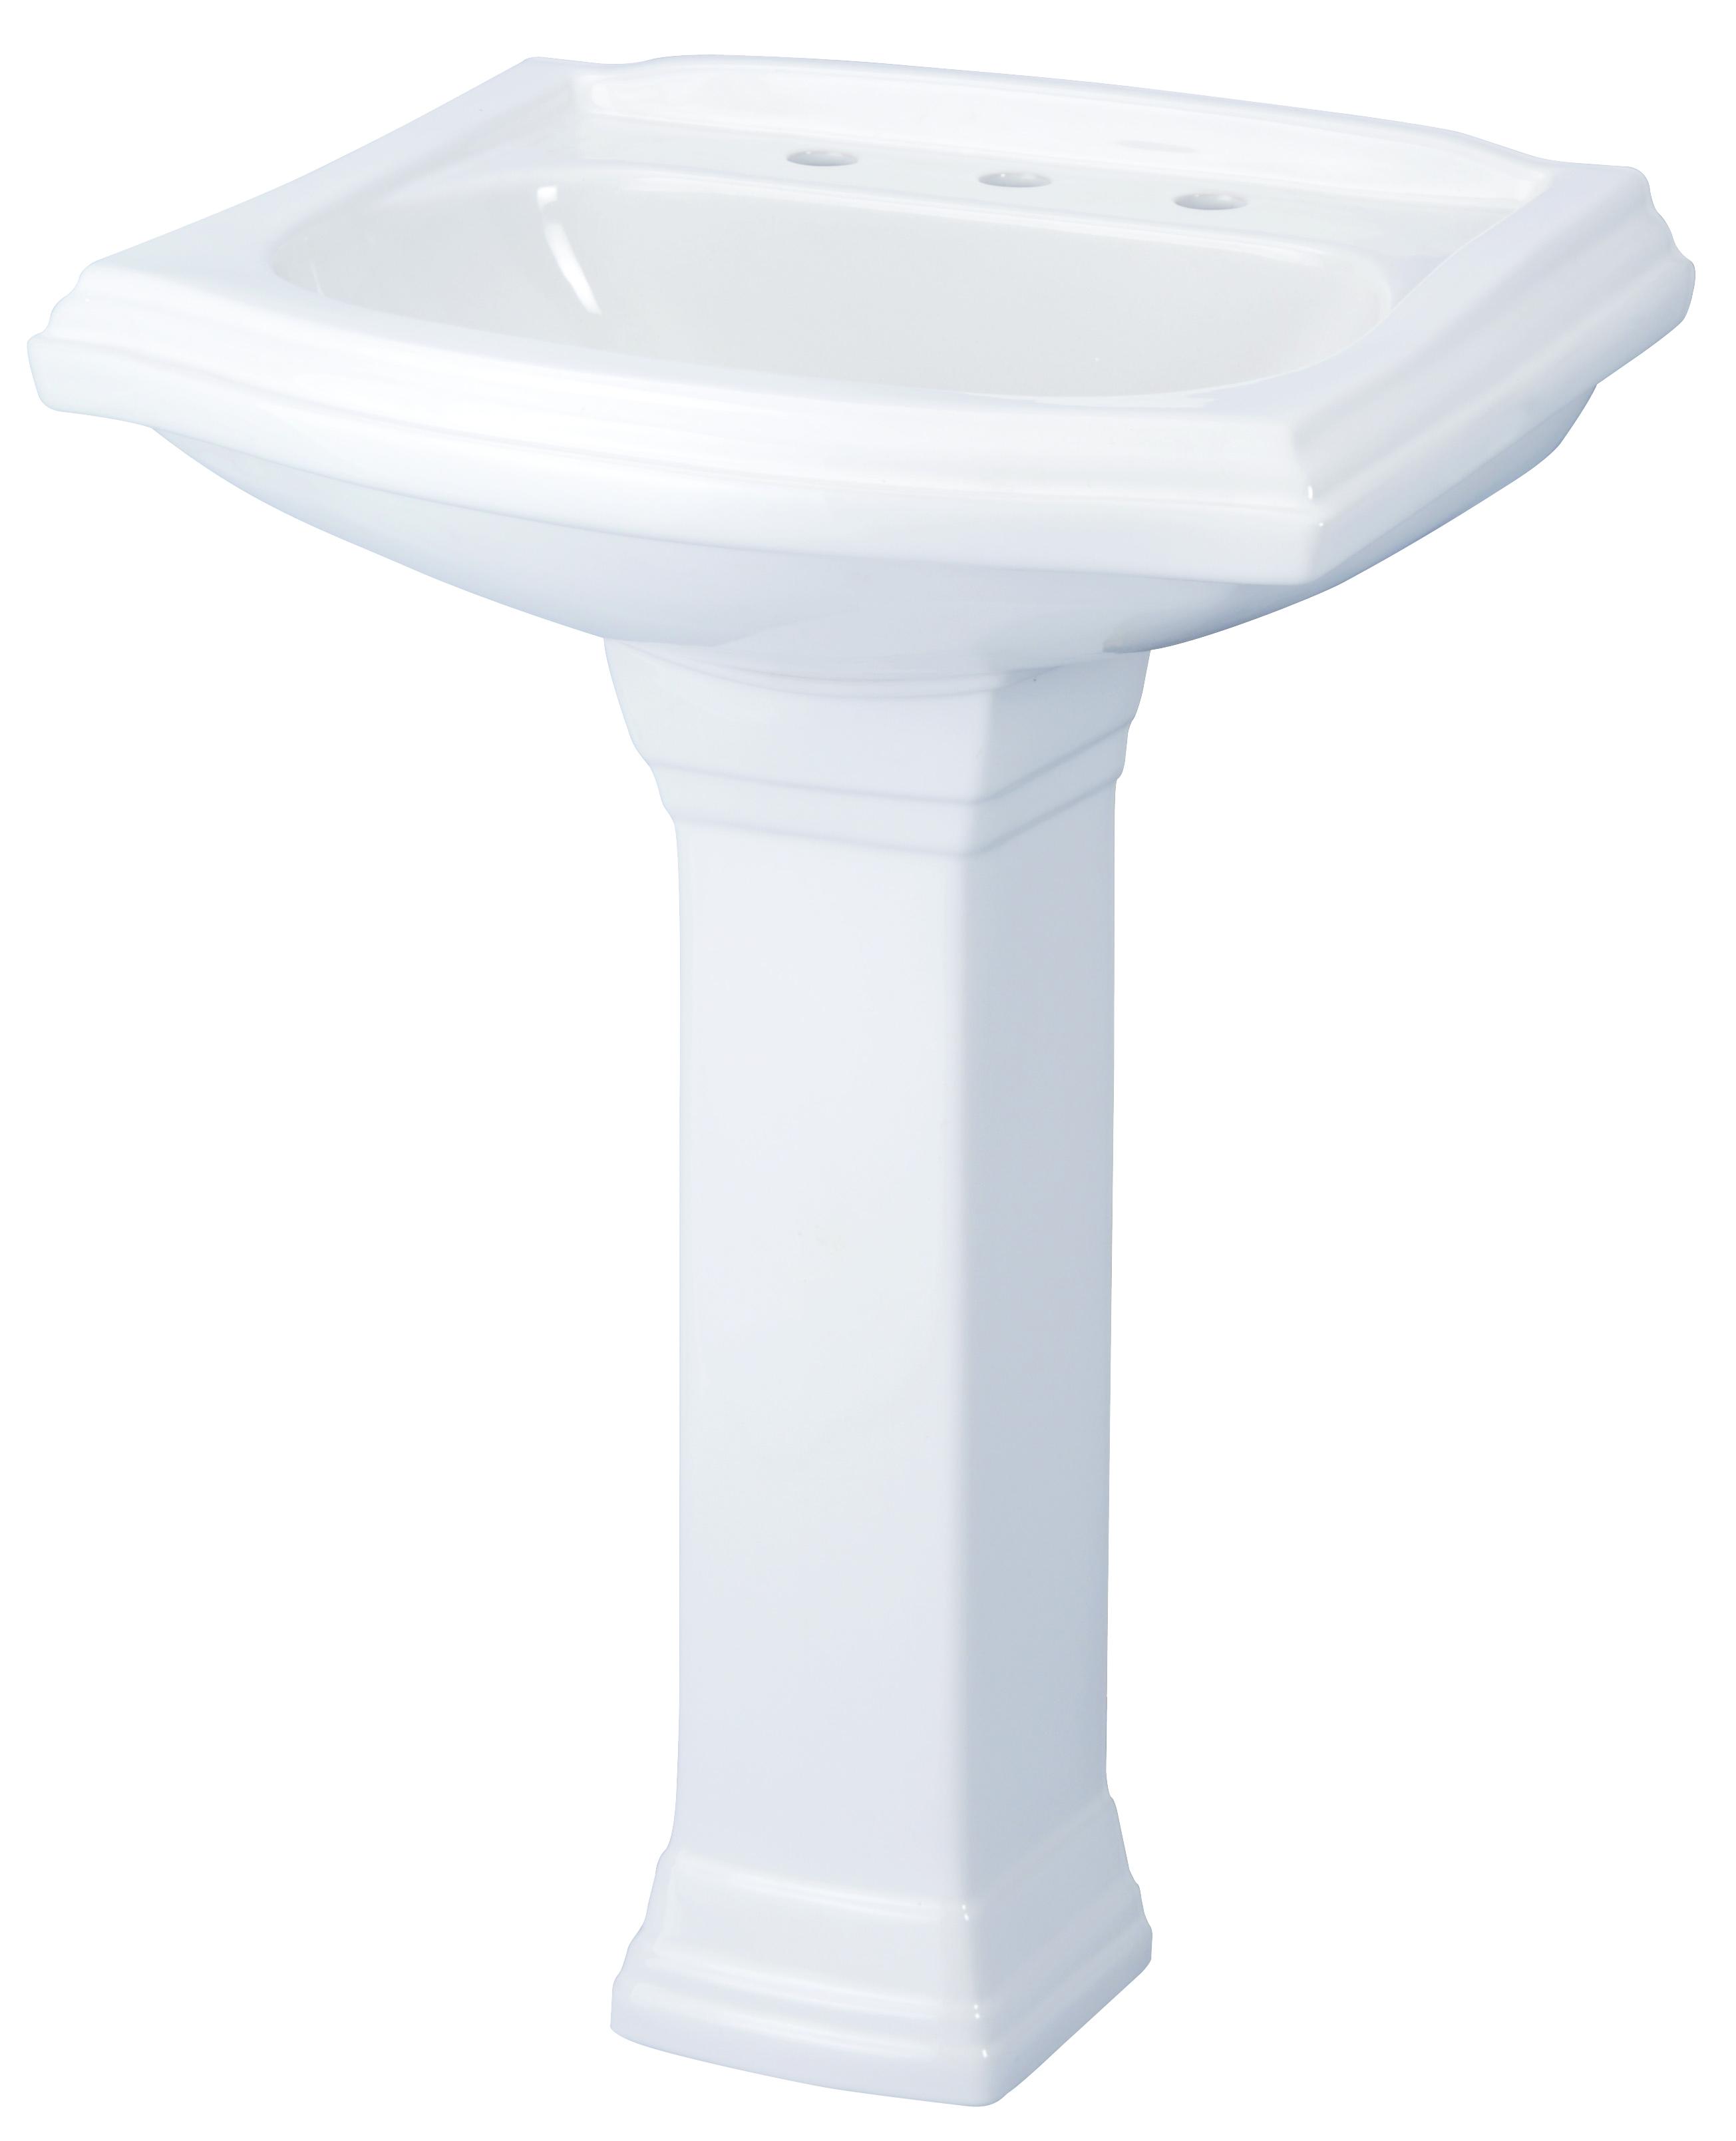 21 Inch Pedestal Sink